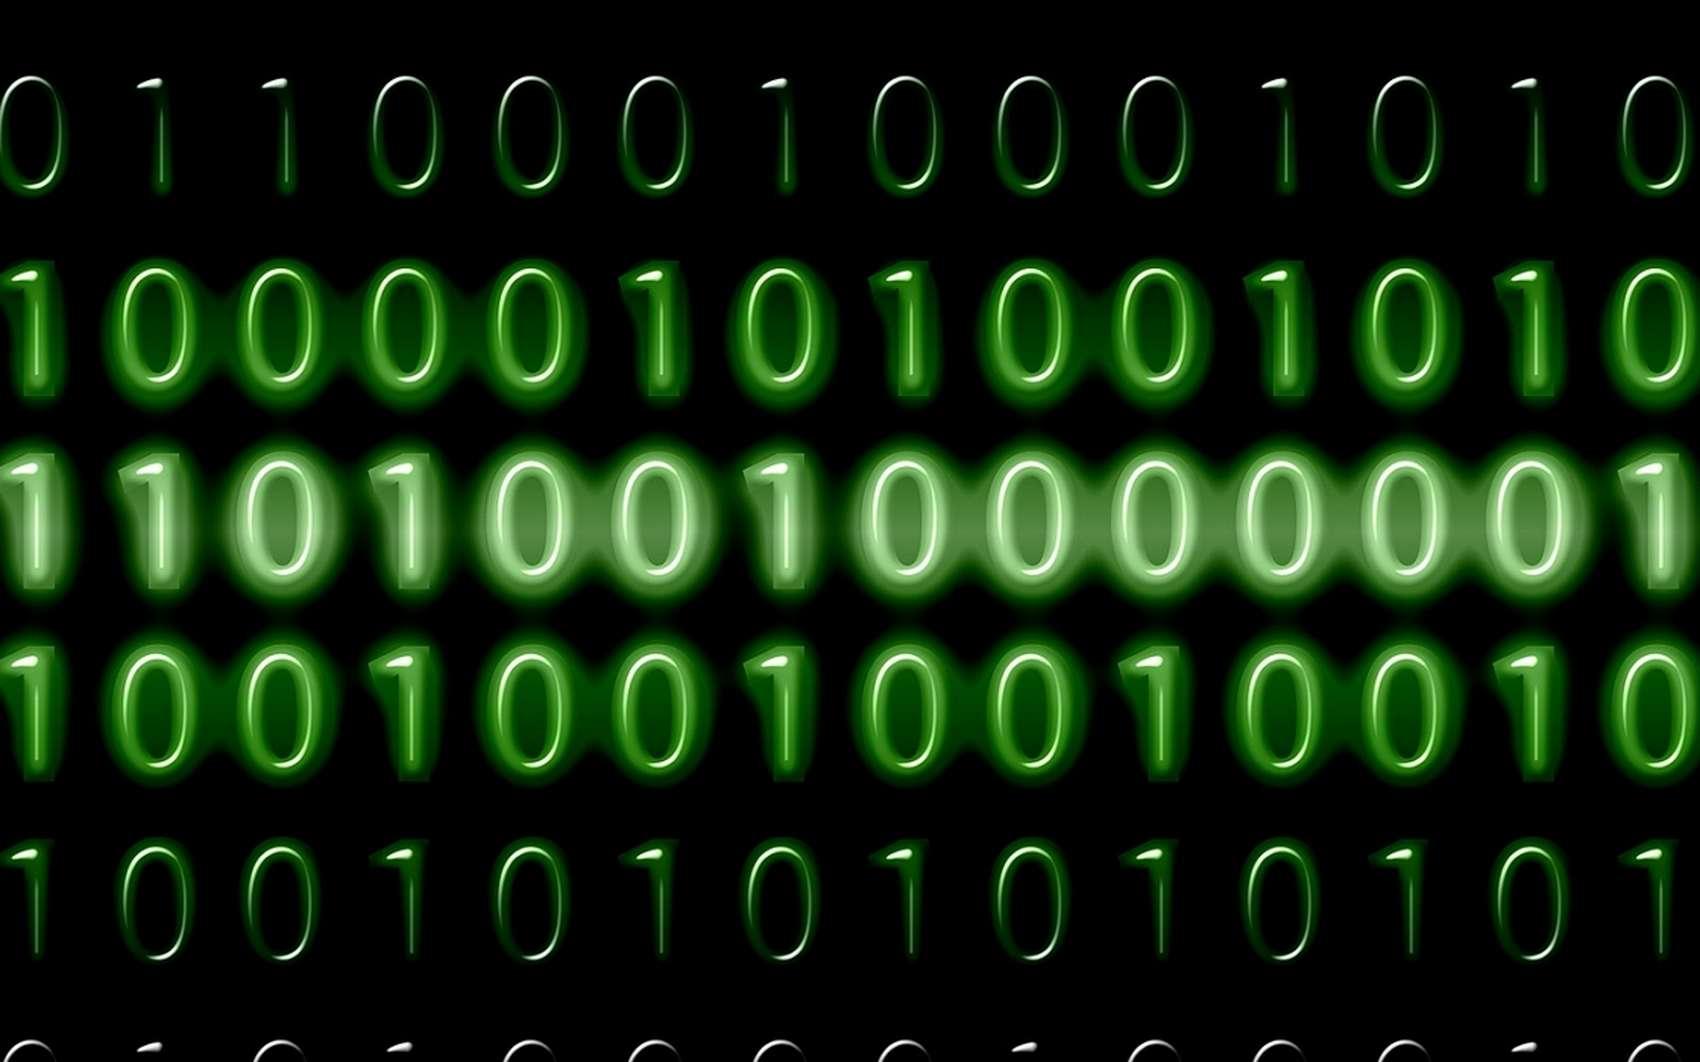 Le code binaire ne comporte que des 0 et des 1. © Pixabay.com